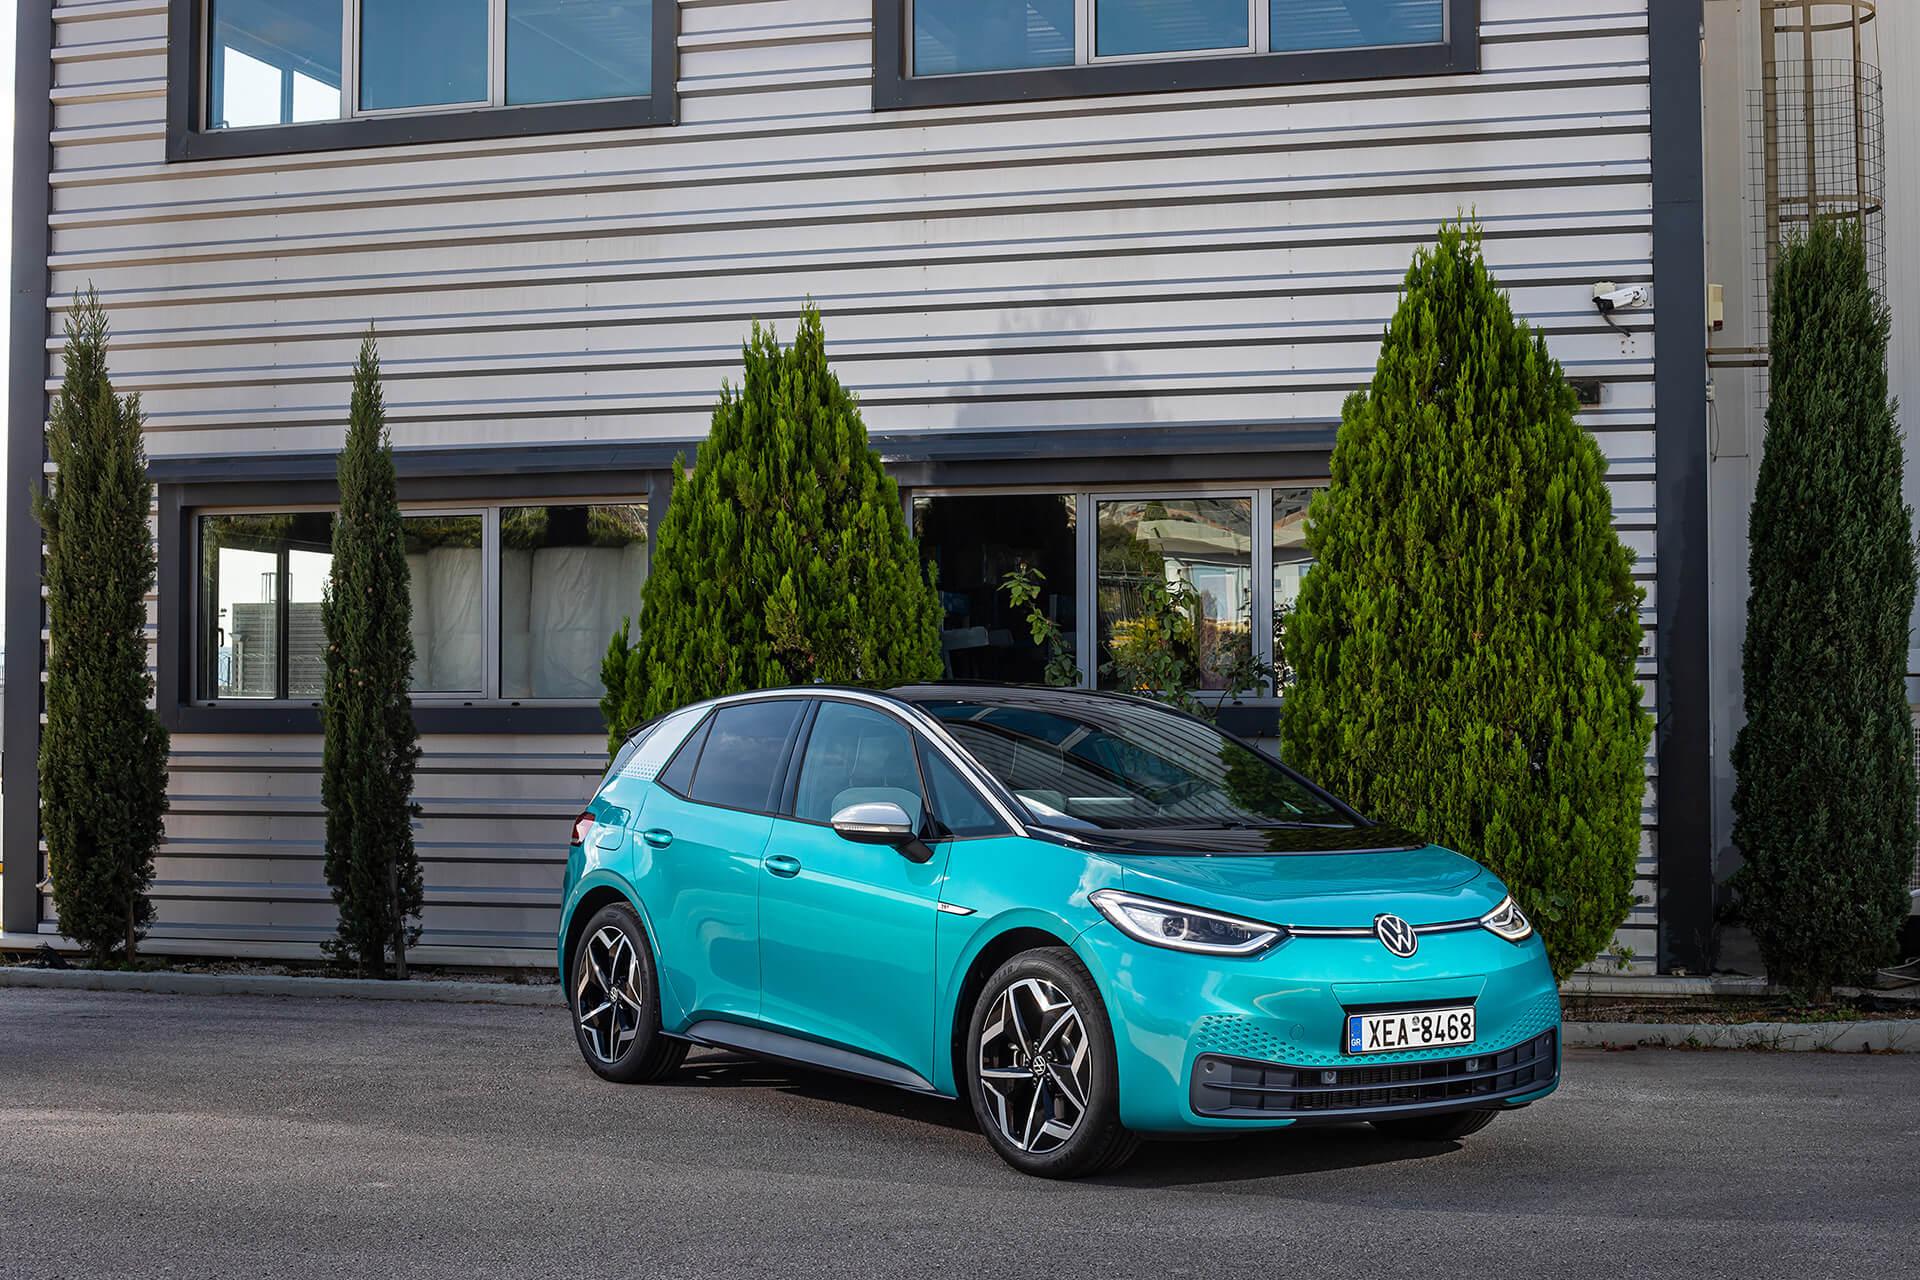 VW ID.3 - Νέο design για μια νέα εποχή